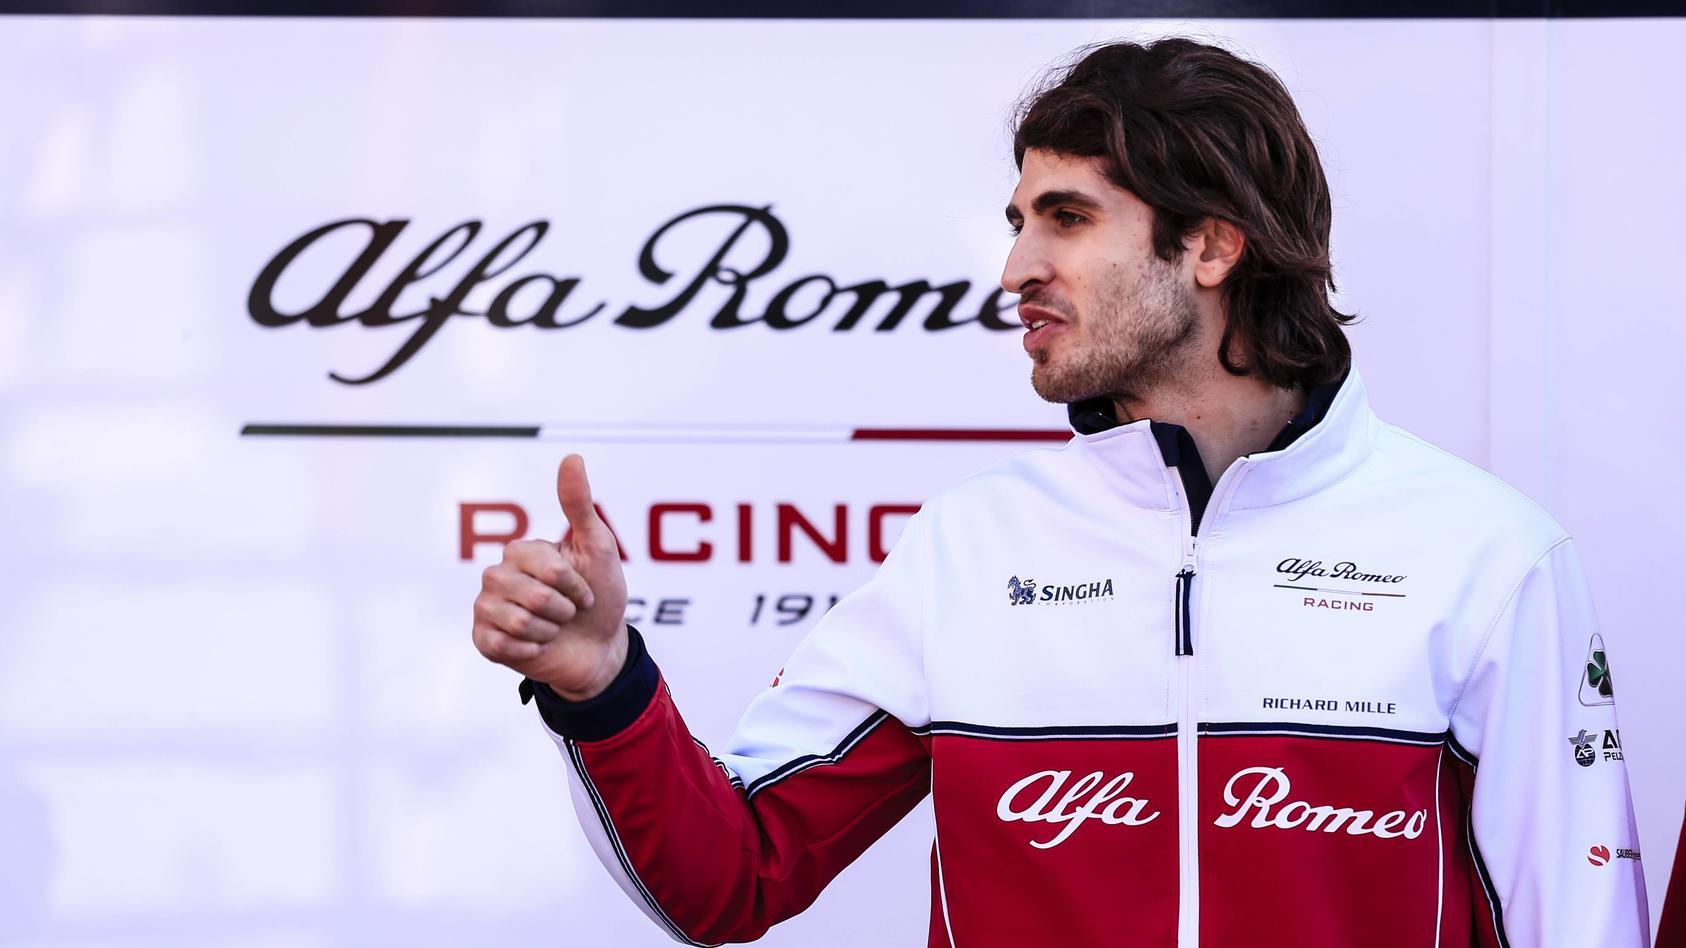 March 1 2019 Barcelona Barcelona Spain Antonio Giovinazzi from Italy with 99 Alfa Romeo Racin